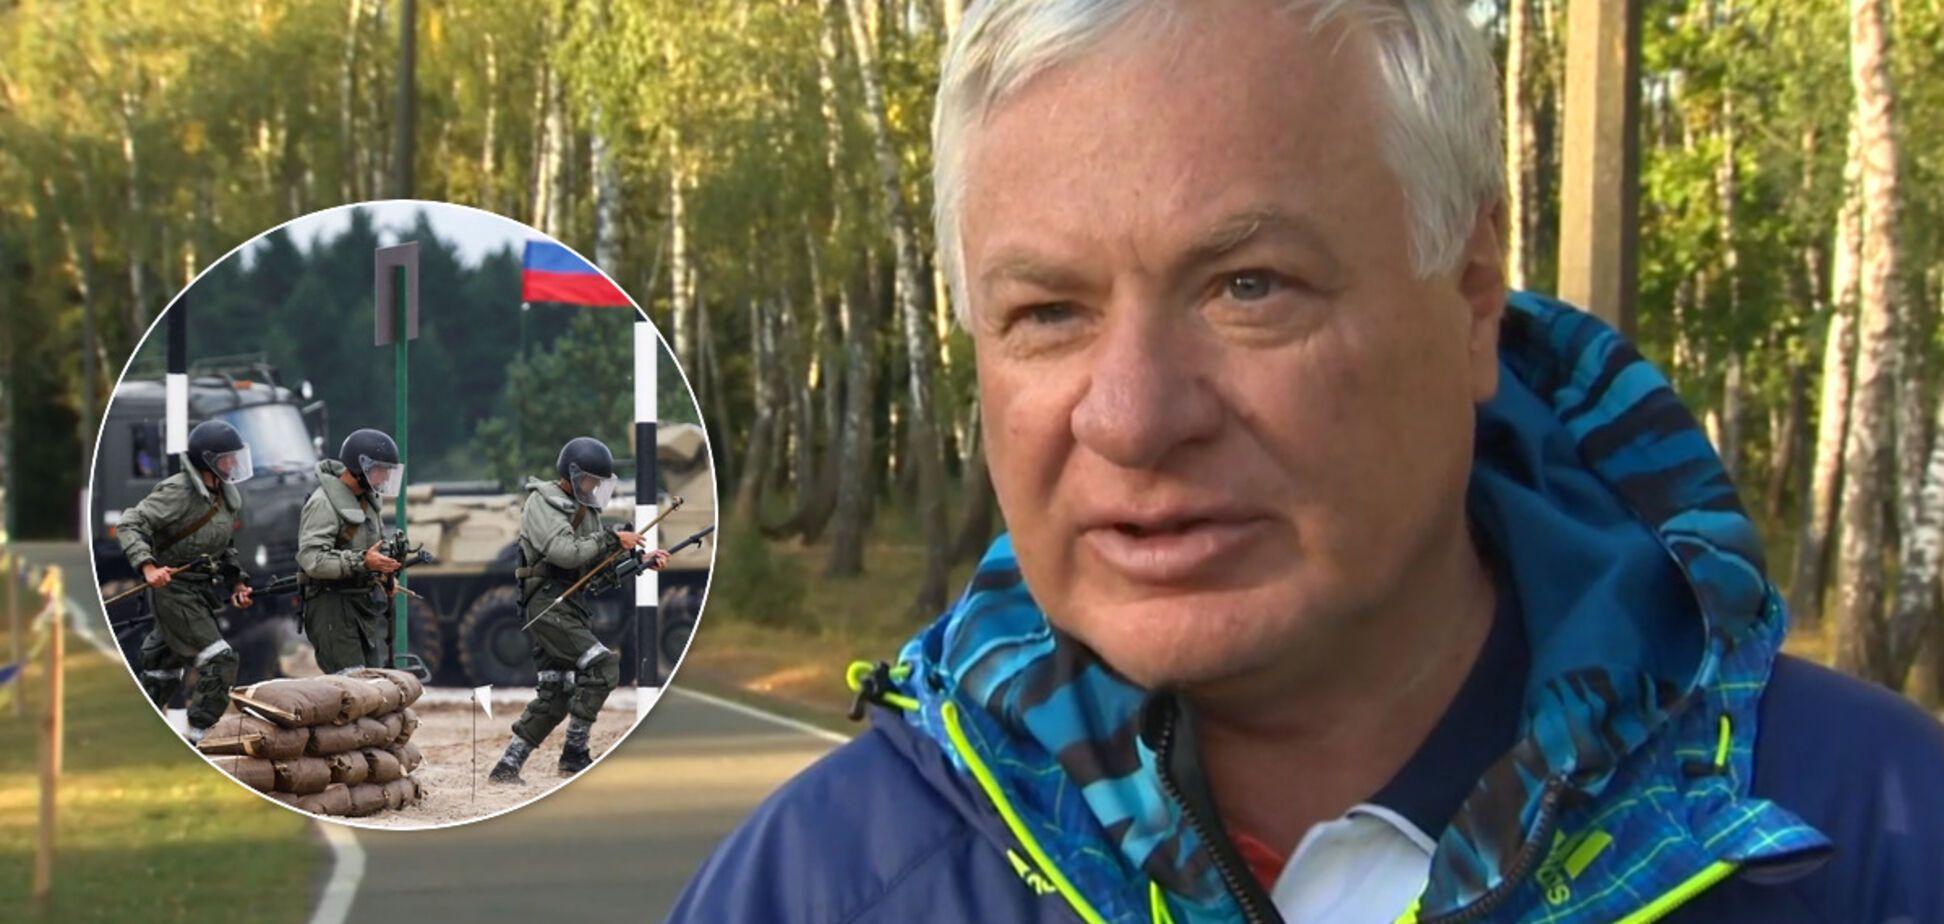 'І таких там мільйони': Бринзак пояснив, чому росіяни ведуть війну з Україною